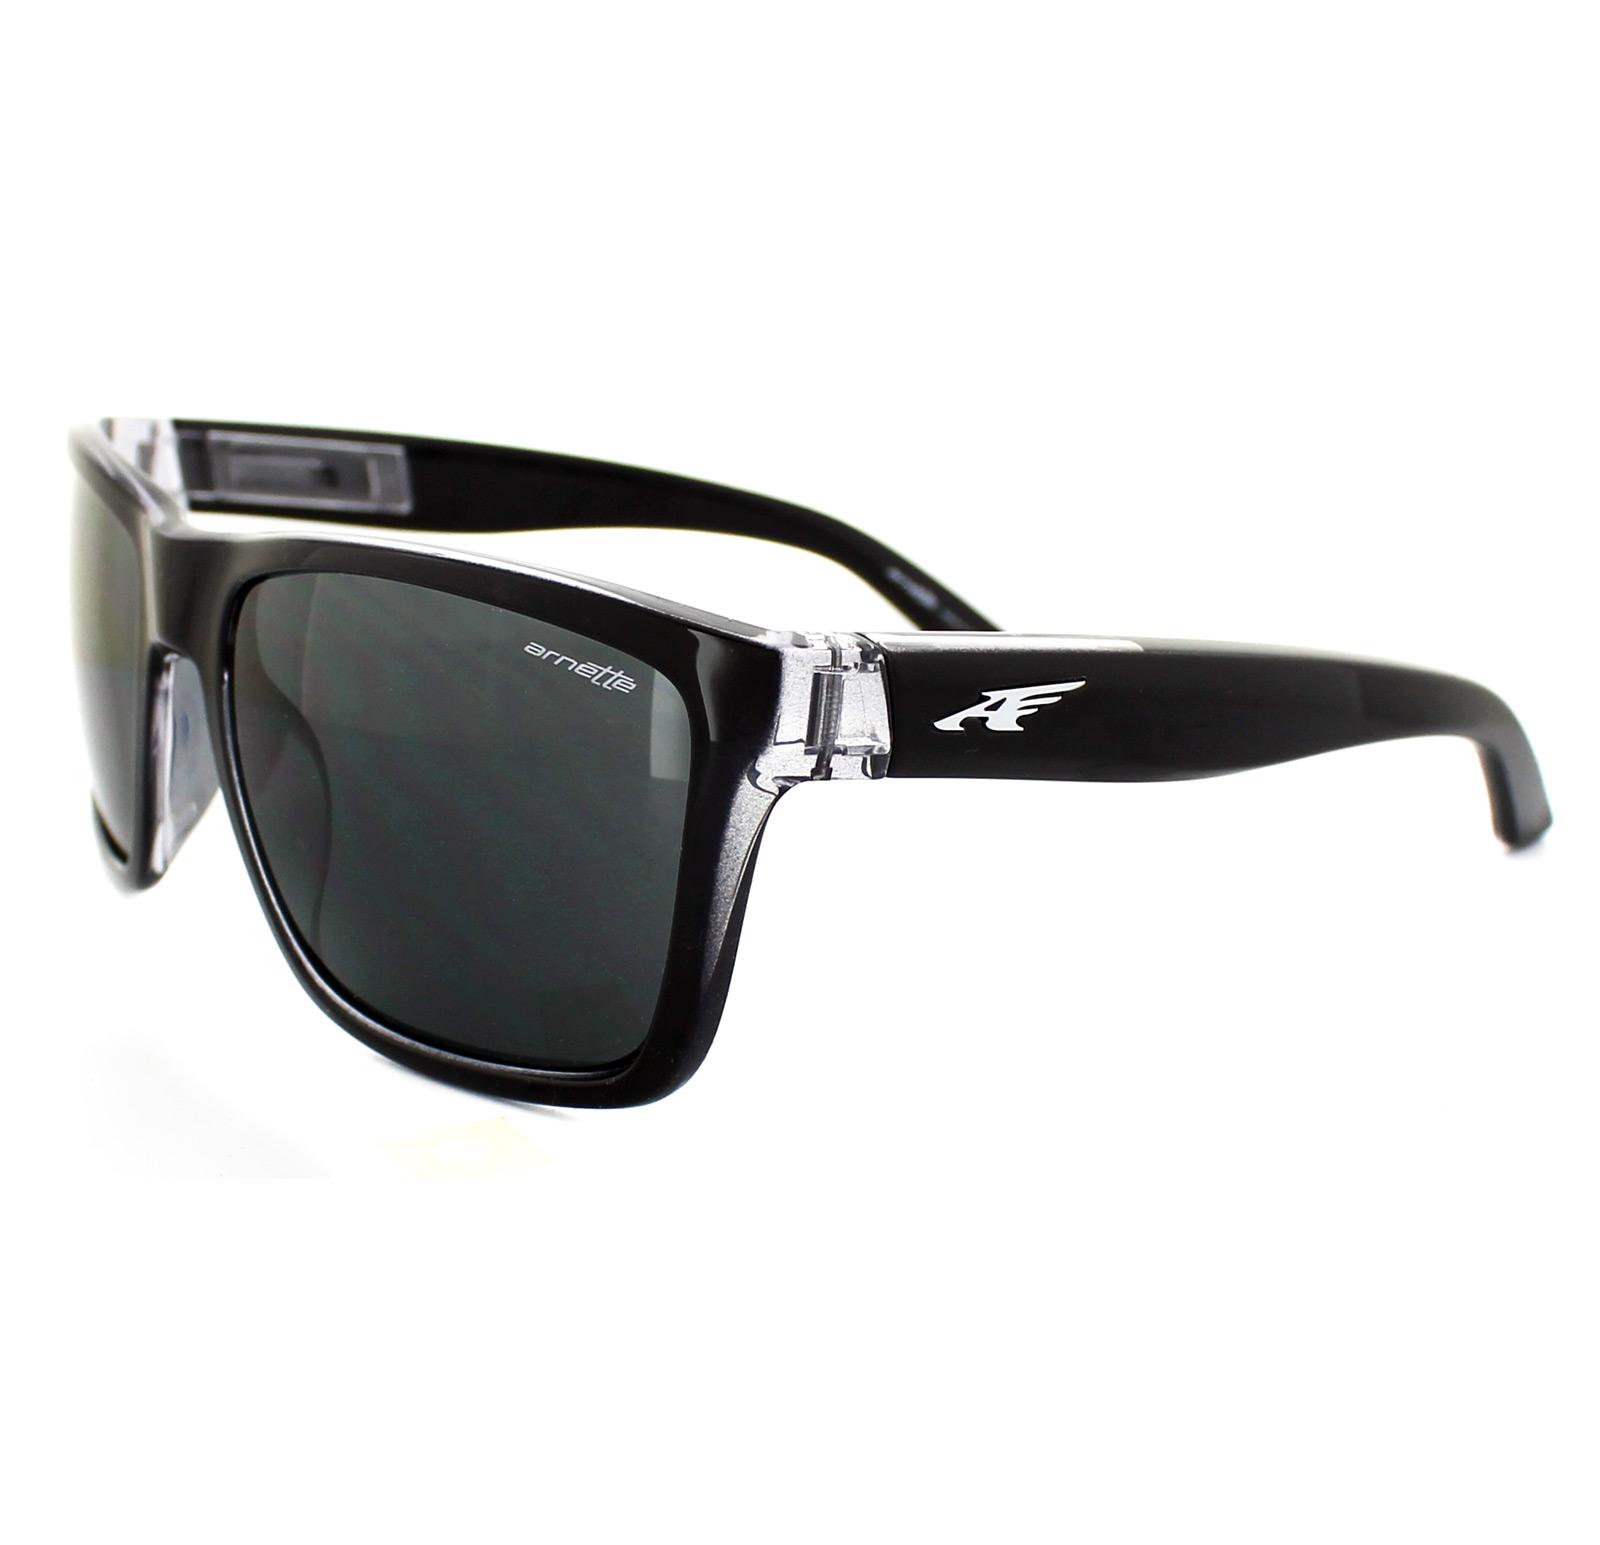 Arnette Sunglasses Australia Online  arnette sunglasses 4177 witch doctor 2159 87 gloss black amp